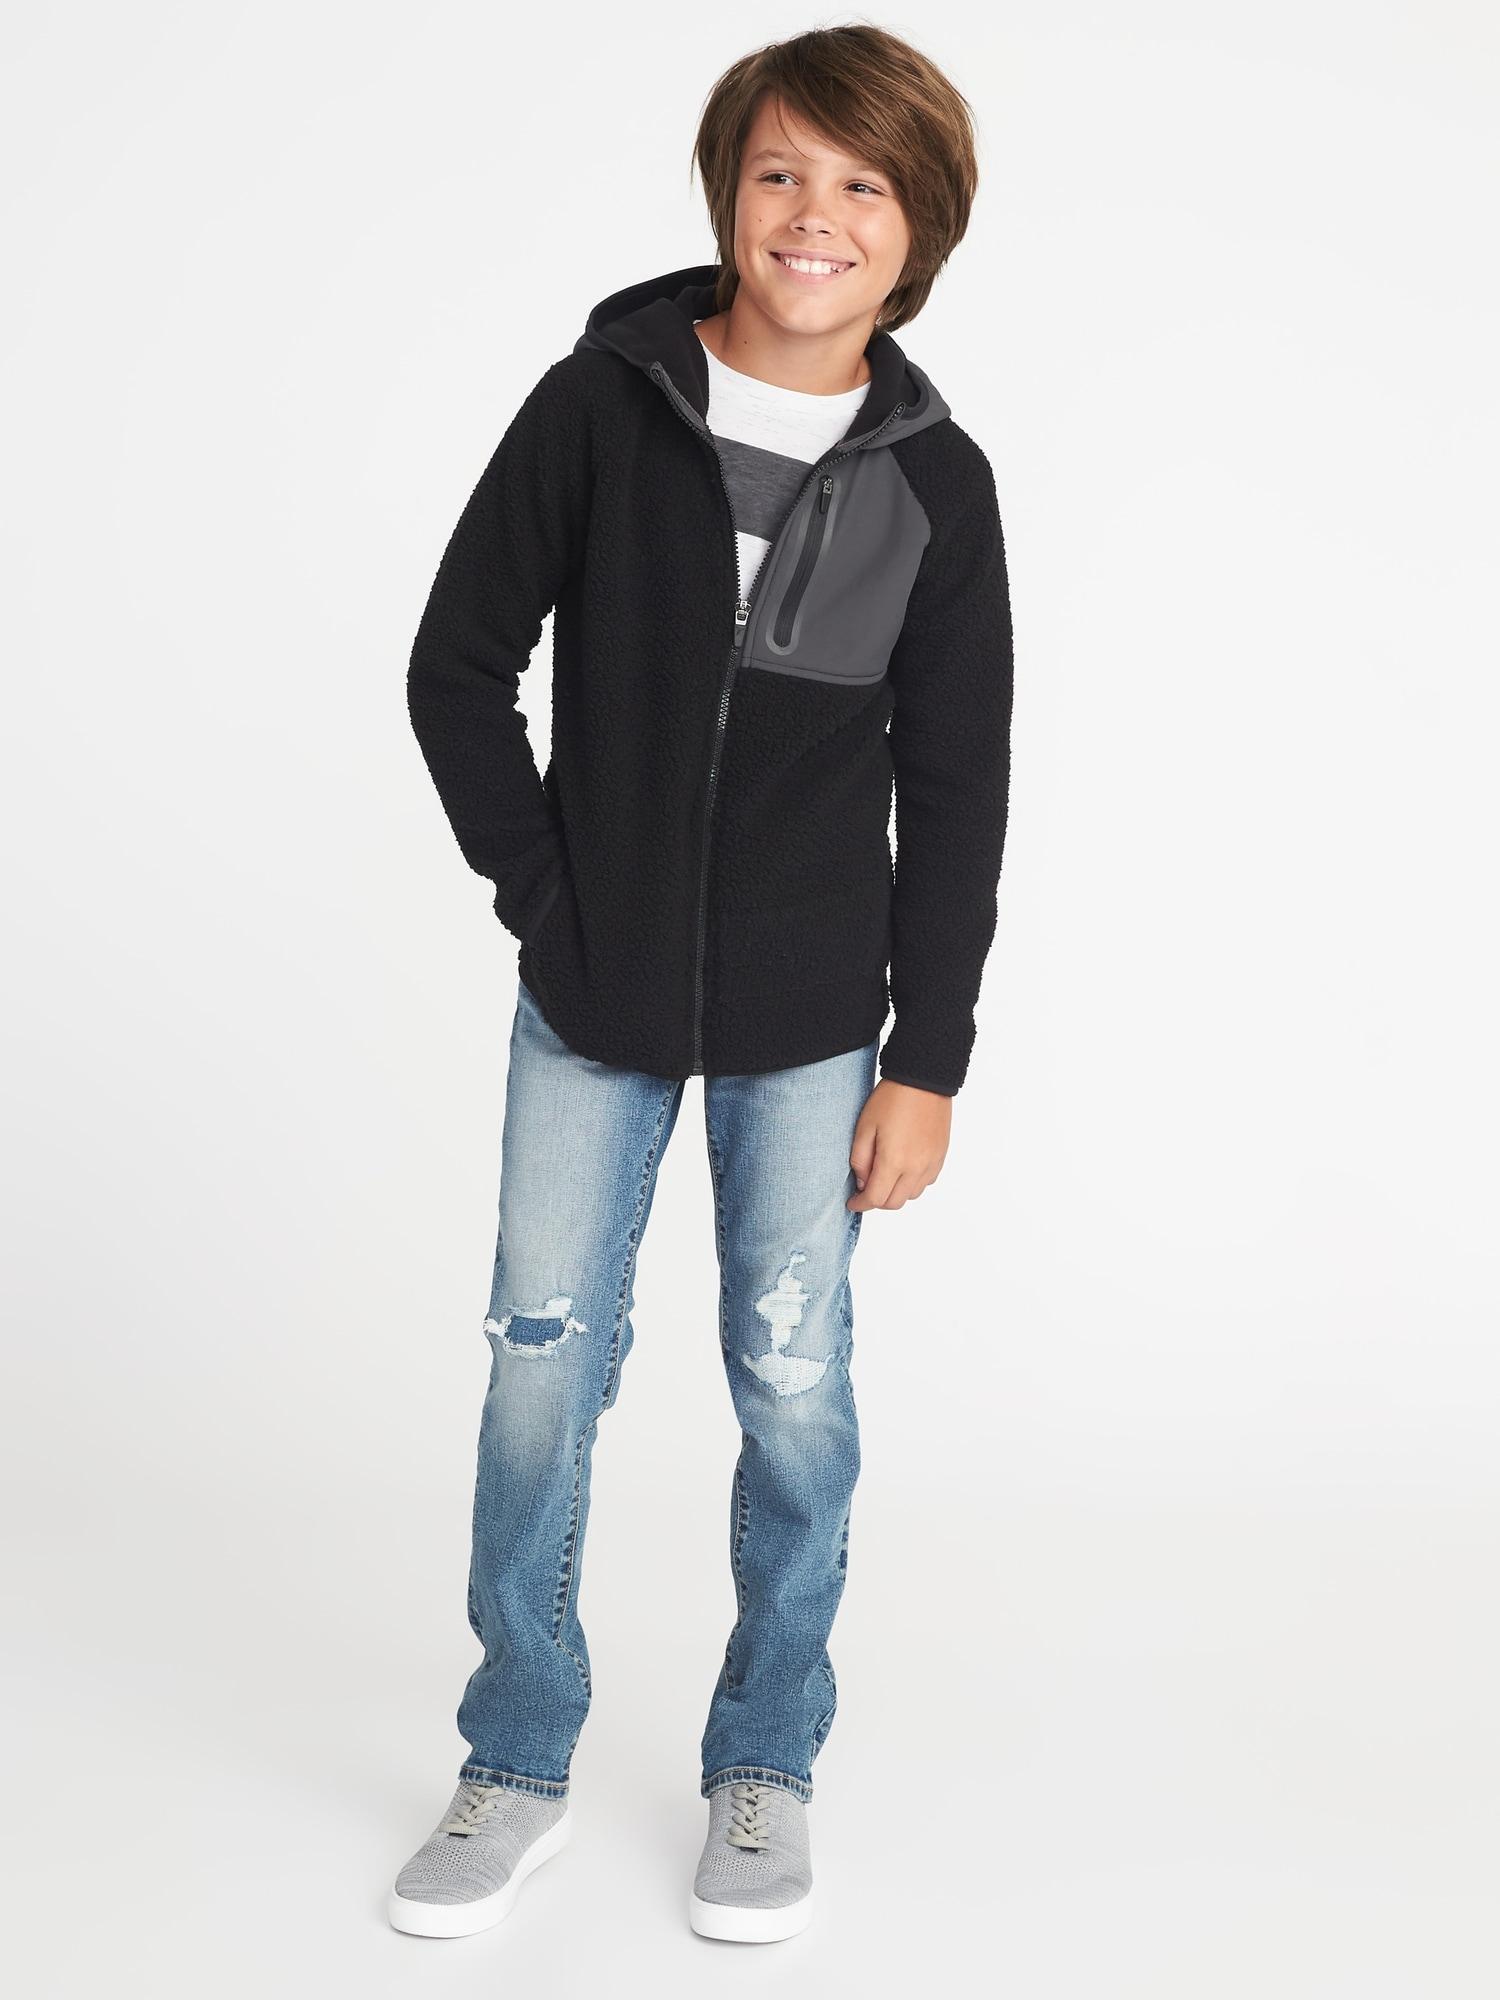 cc0ce2f8c Go-Warm Hooded Sherpa Hybrid Jacket for Boys